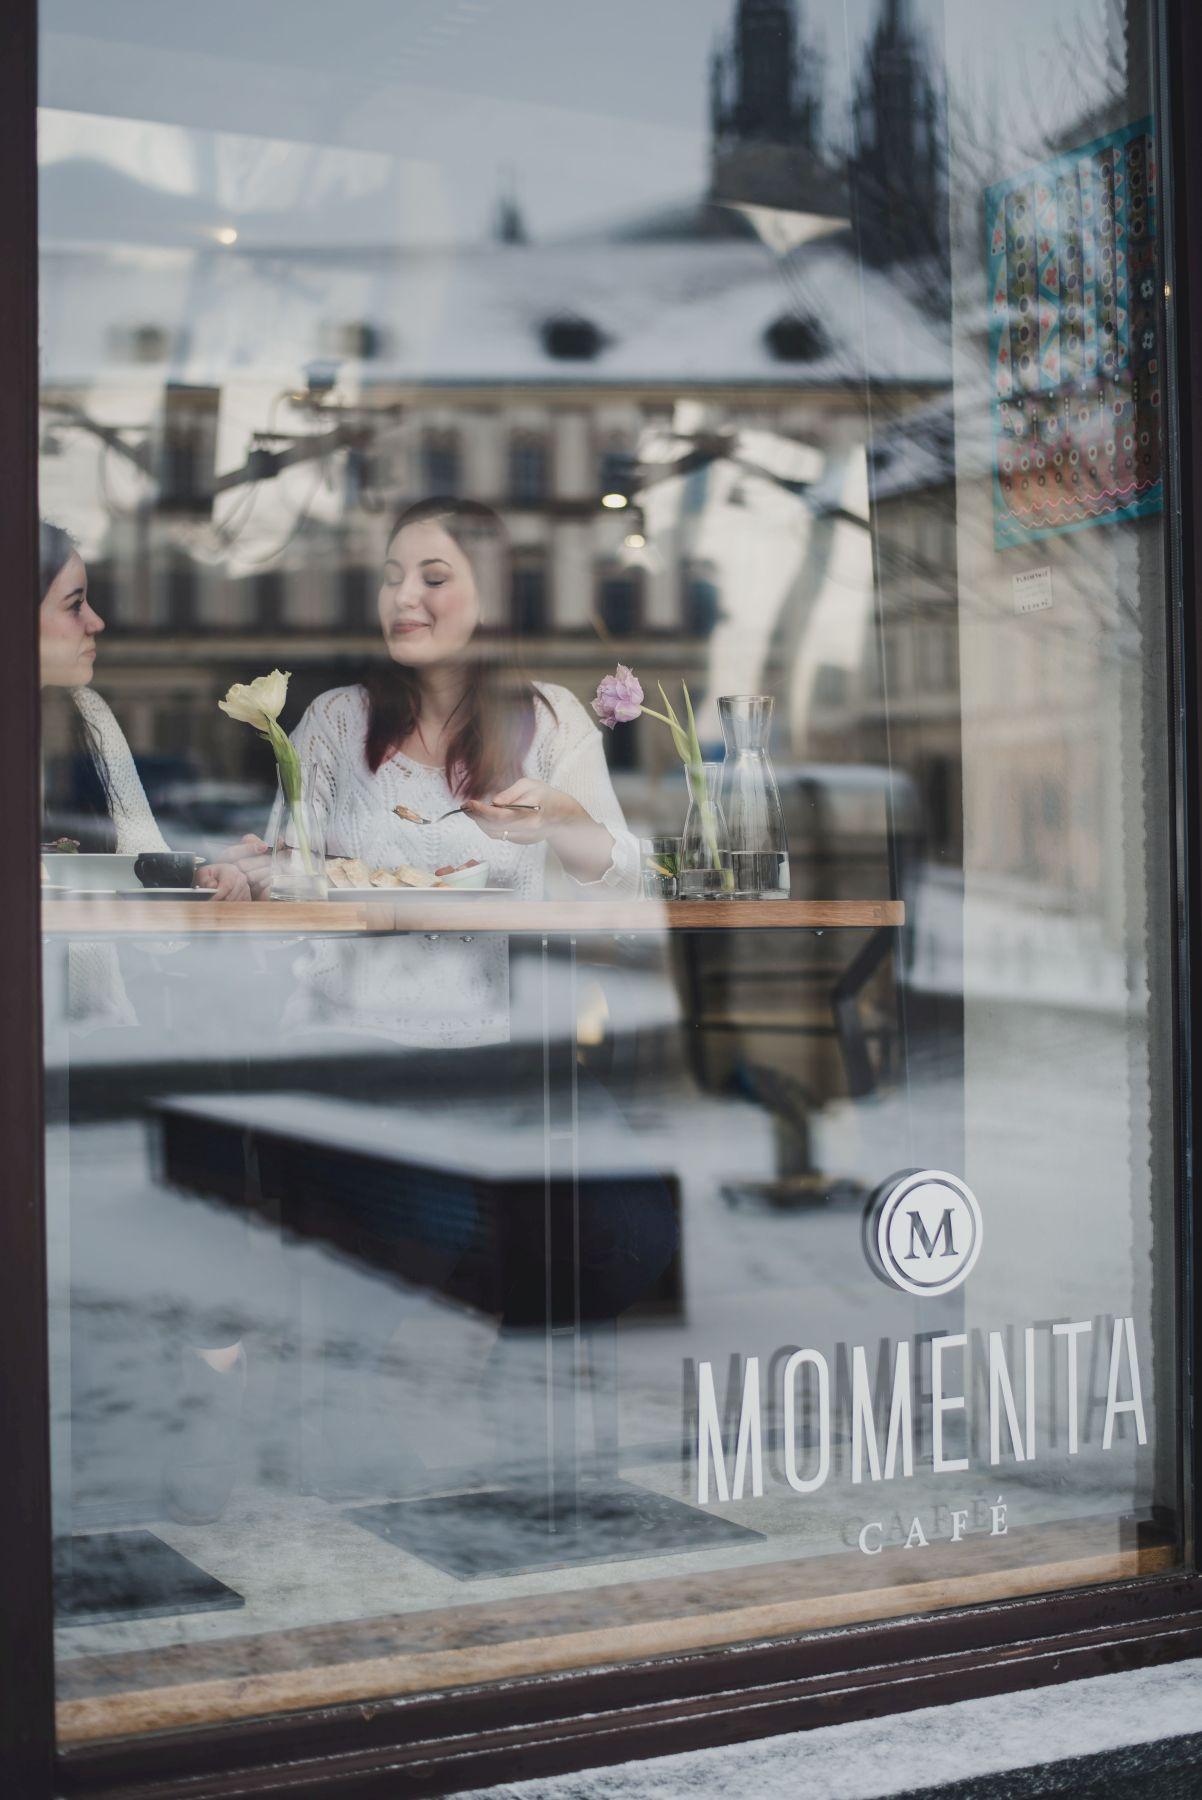 Cafe Momenta in Brno